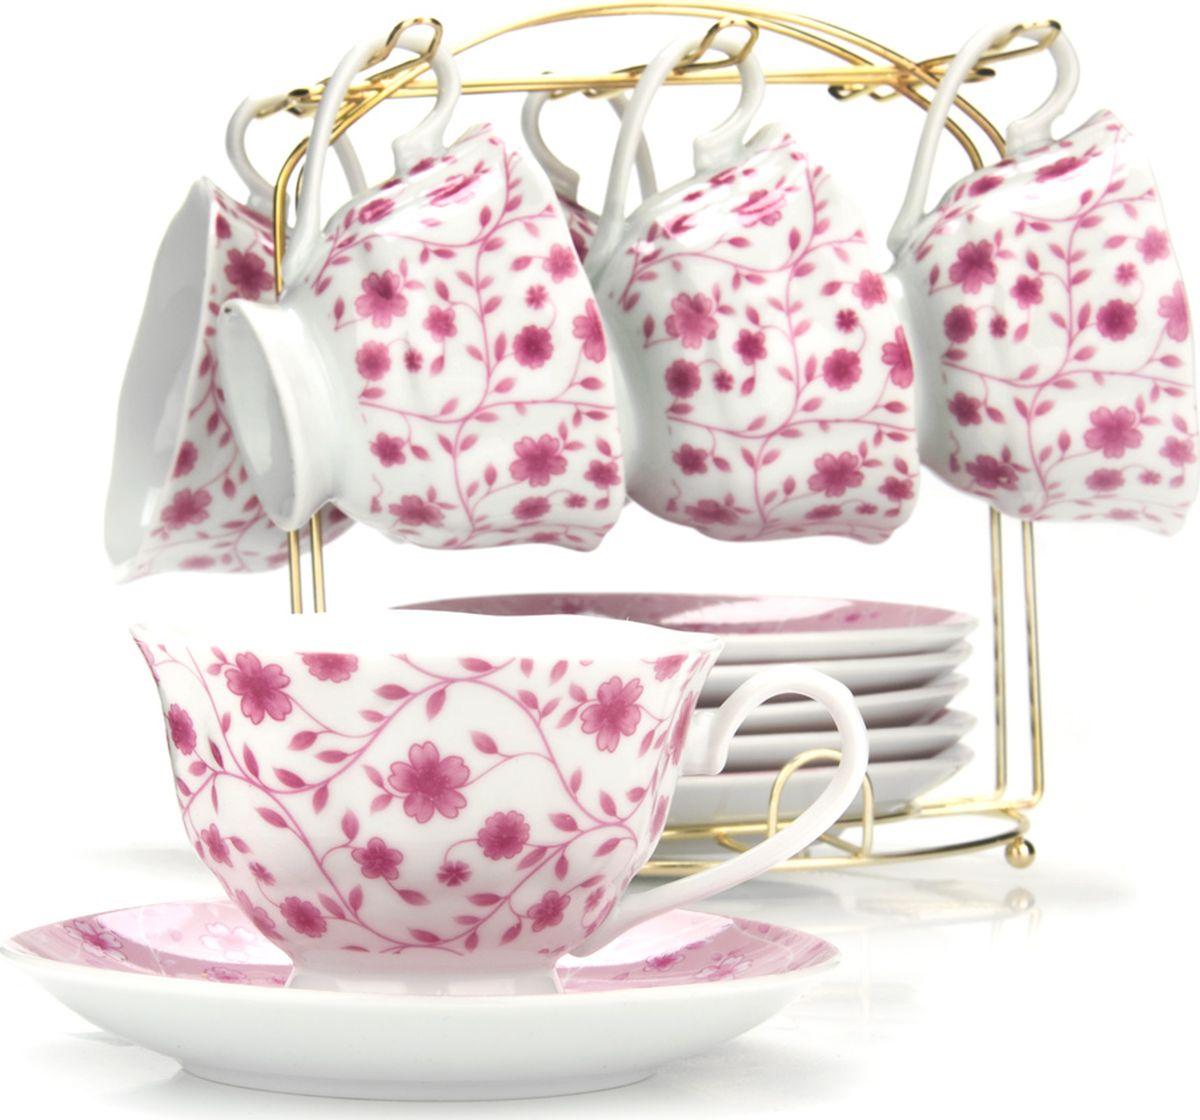 Сервиз чайный Loraine, на подставке, 13 предметов. 43297 сервиз чайный loraine на подставке 13 предметов 43283